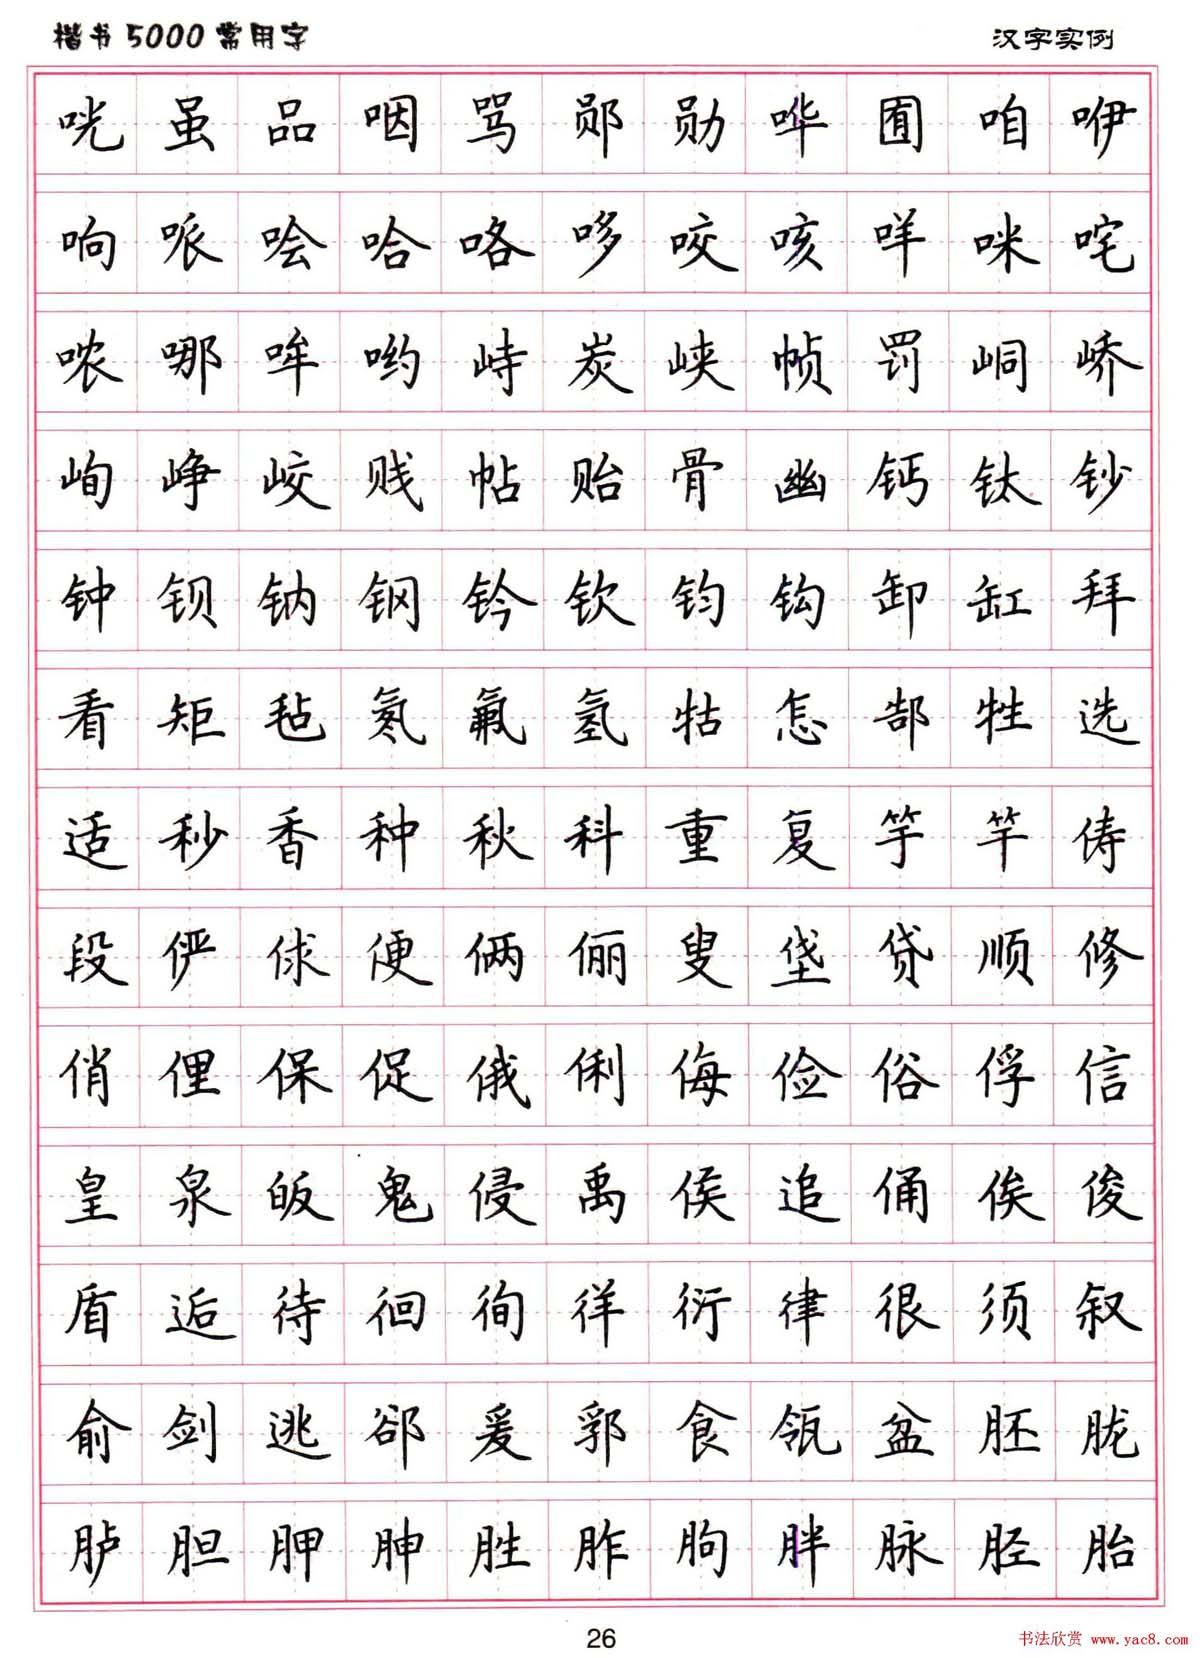 硬笔书法字帖下载《楷书5000常用字》图片